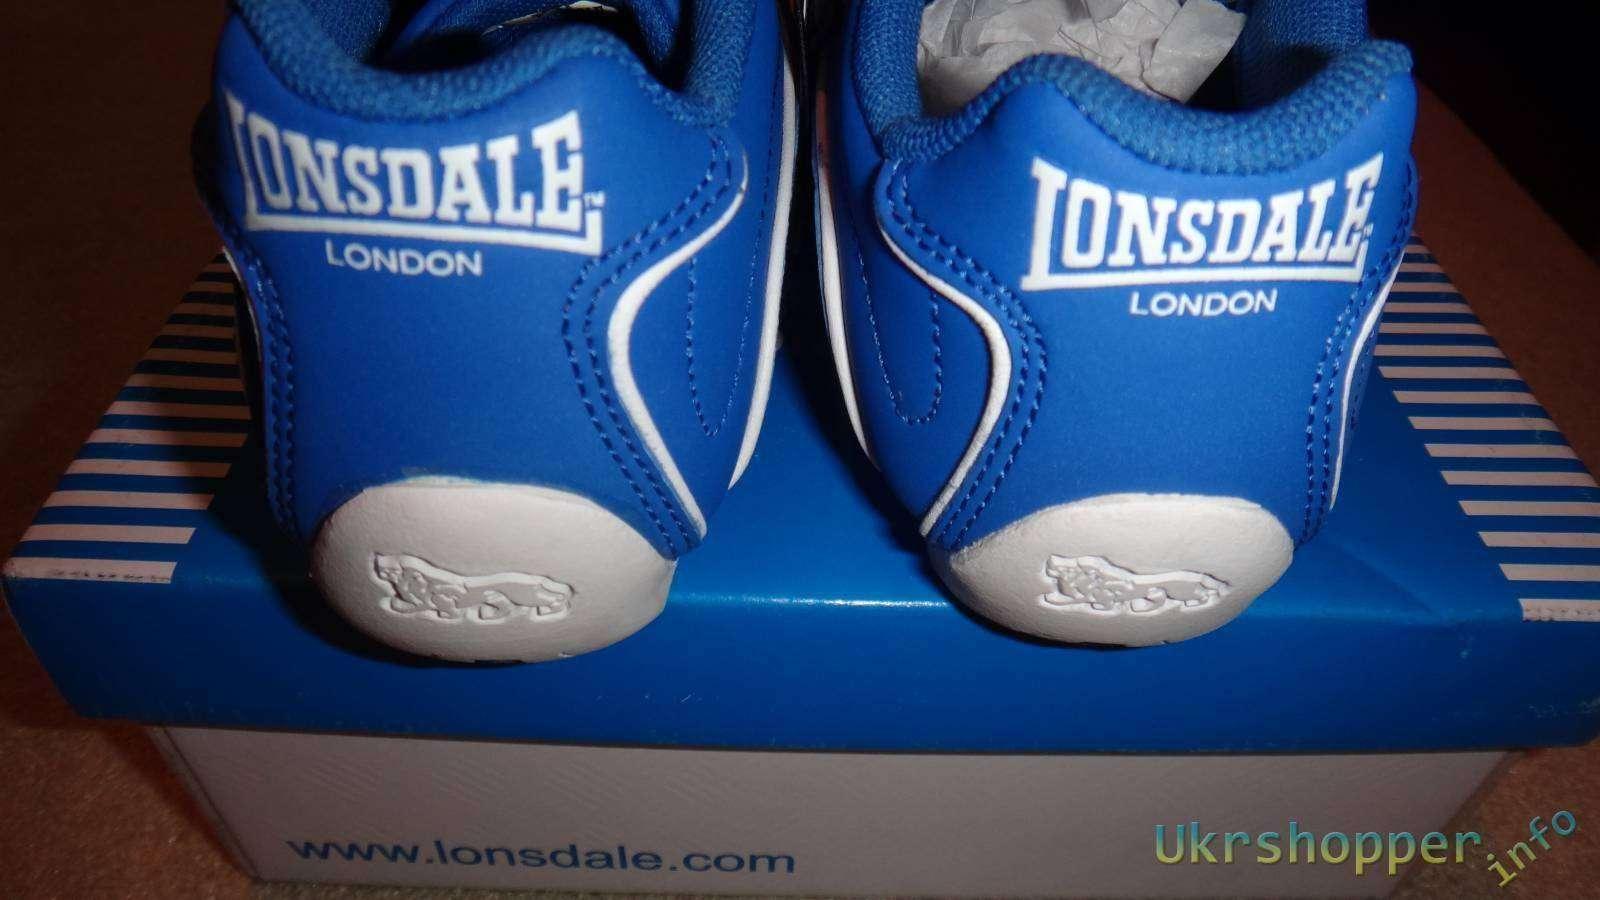 Sportsdirect: Обзор детских кожаных кроссовок LONSDALE